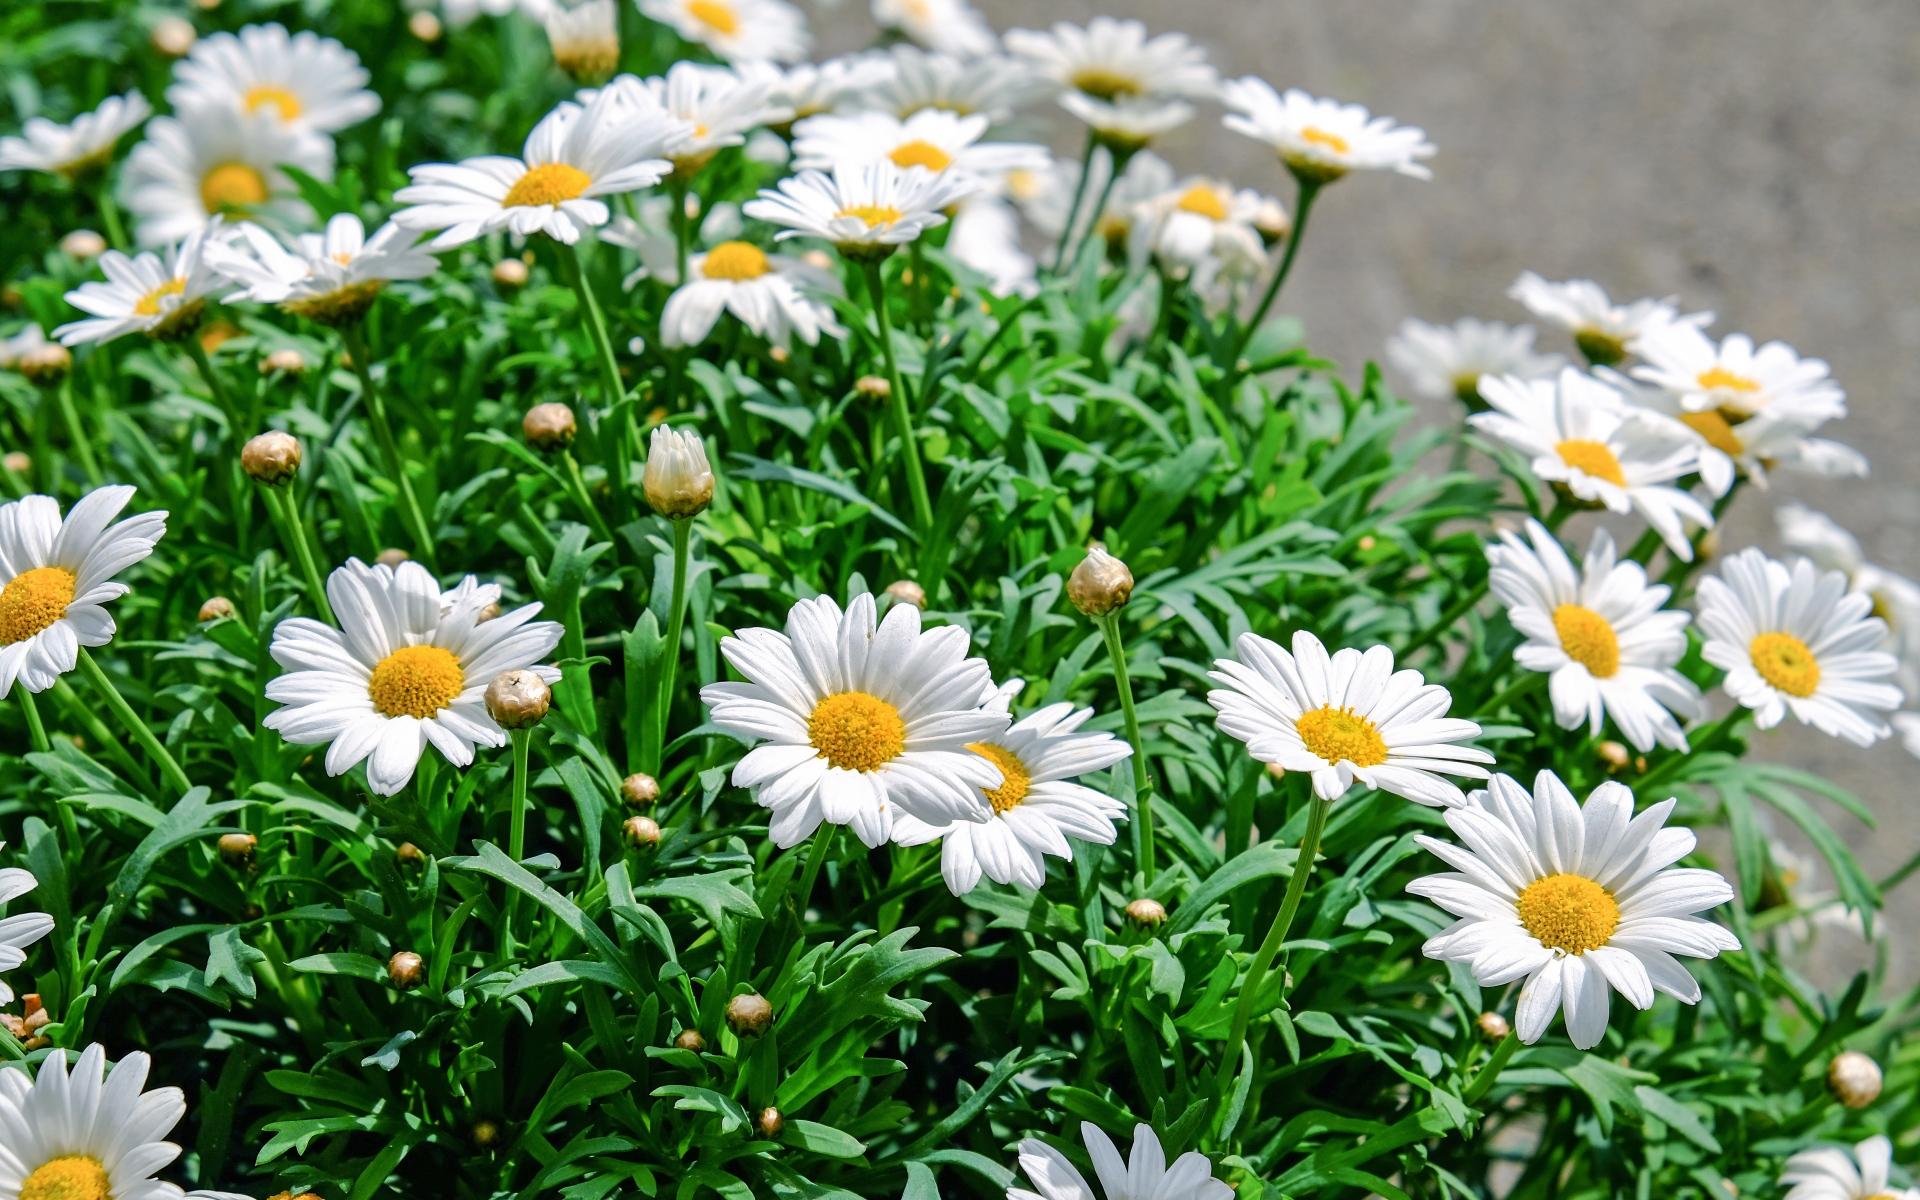 наращивания ногтей искать картинки цветы ромашка что